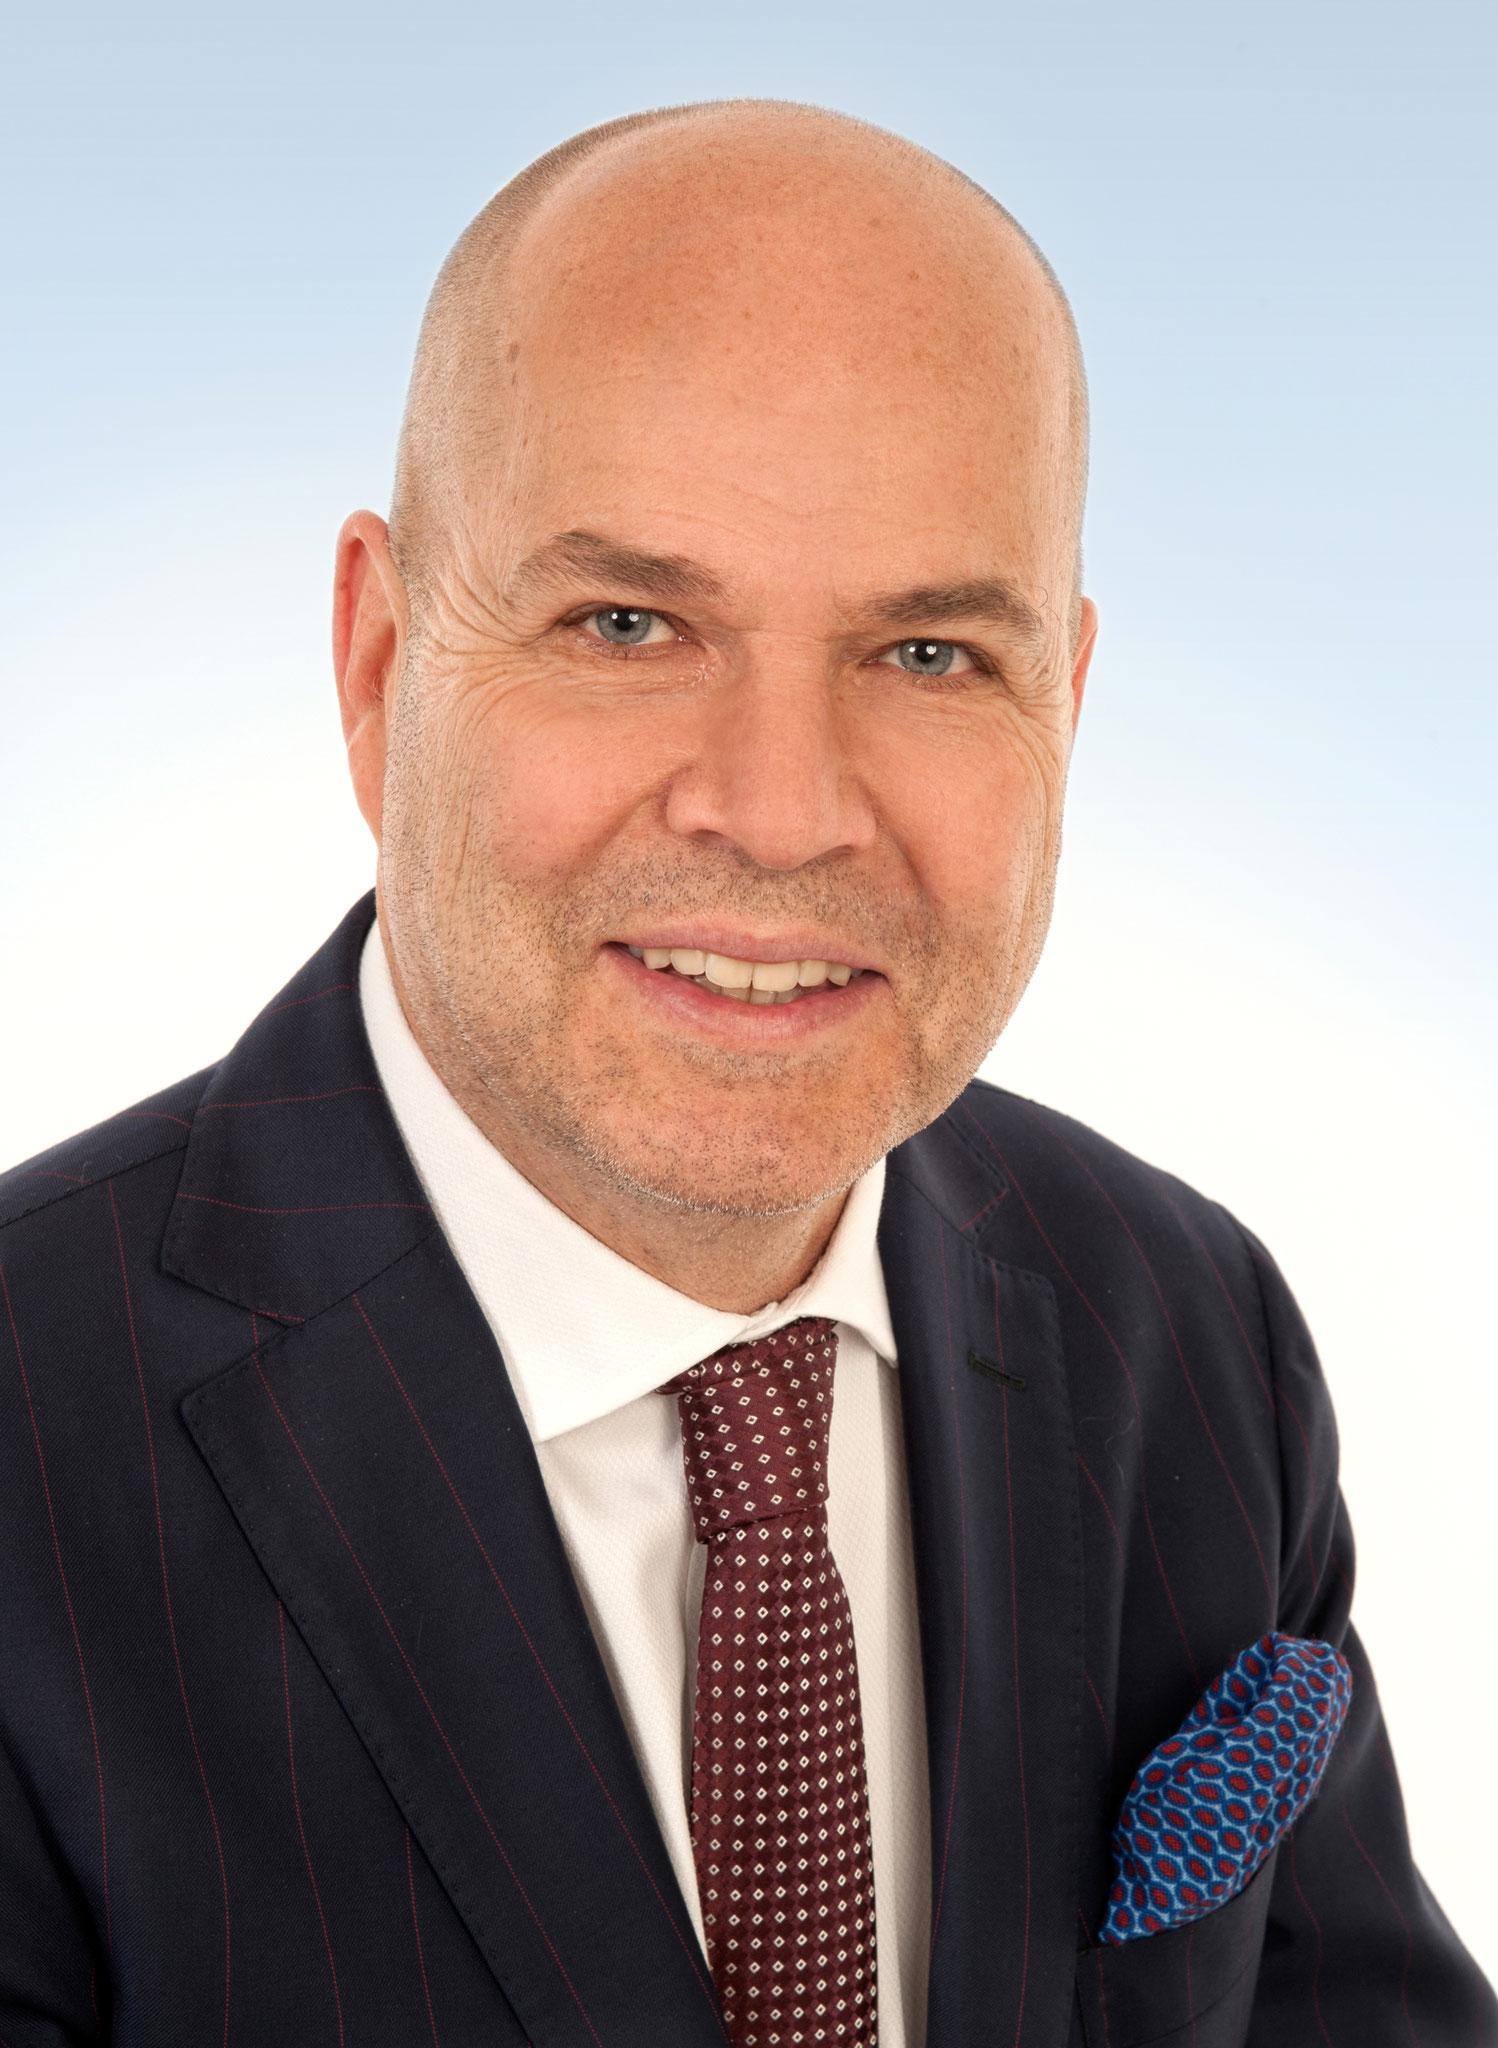 Wohnbezirk I - Bad Mergentheim Stadt: Stefan Dietz, 54 Jahre, Apotheker, verheiratet, 2 Kinder